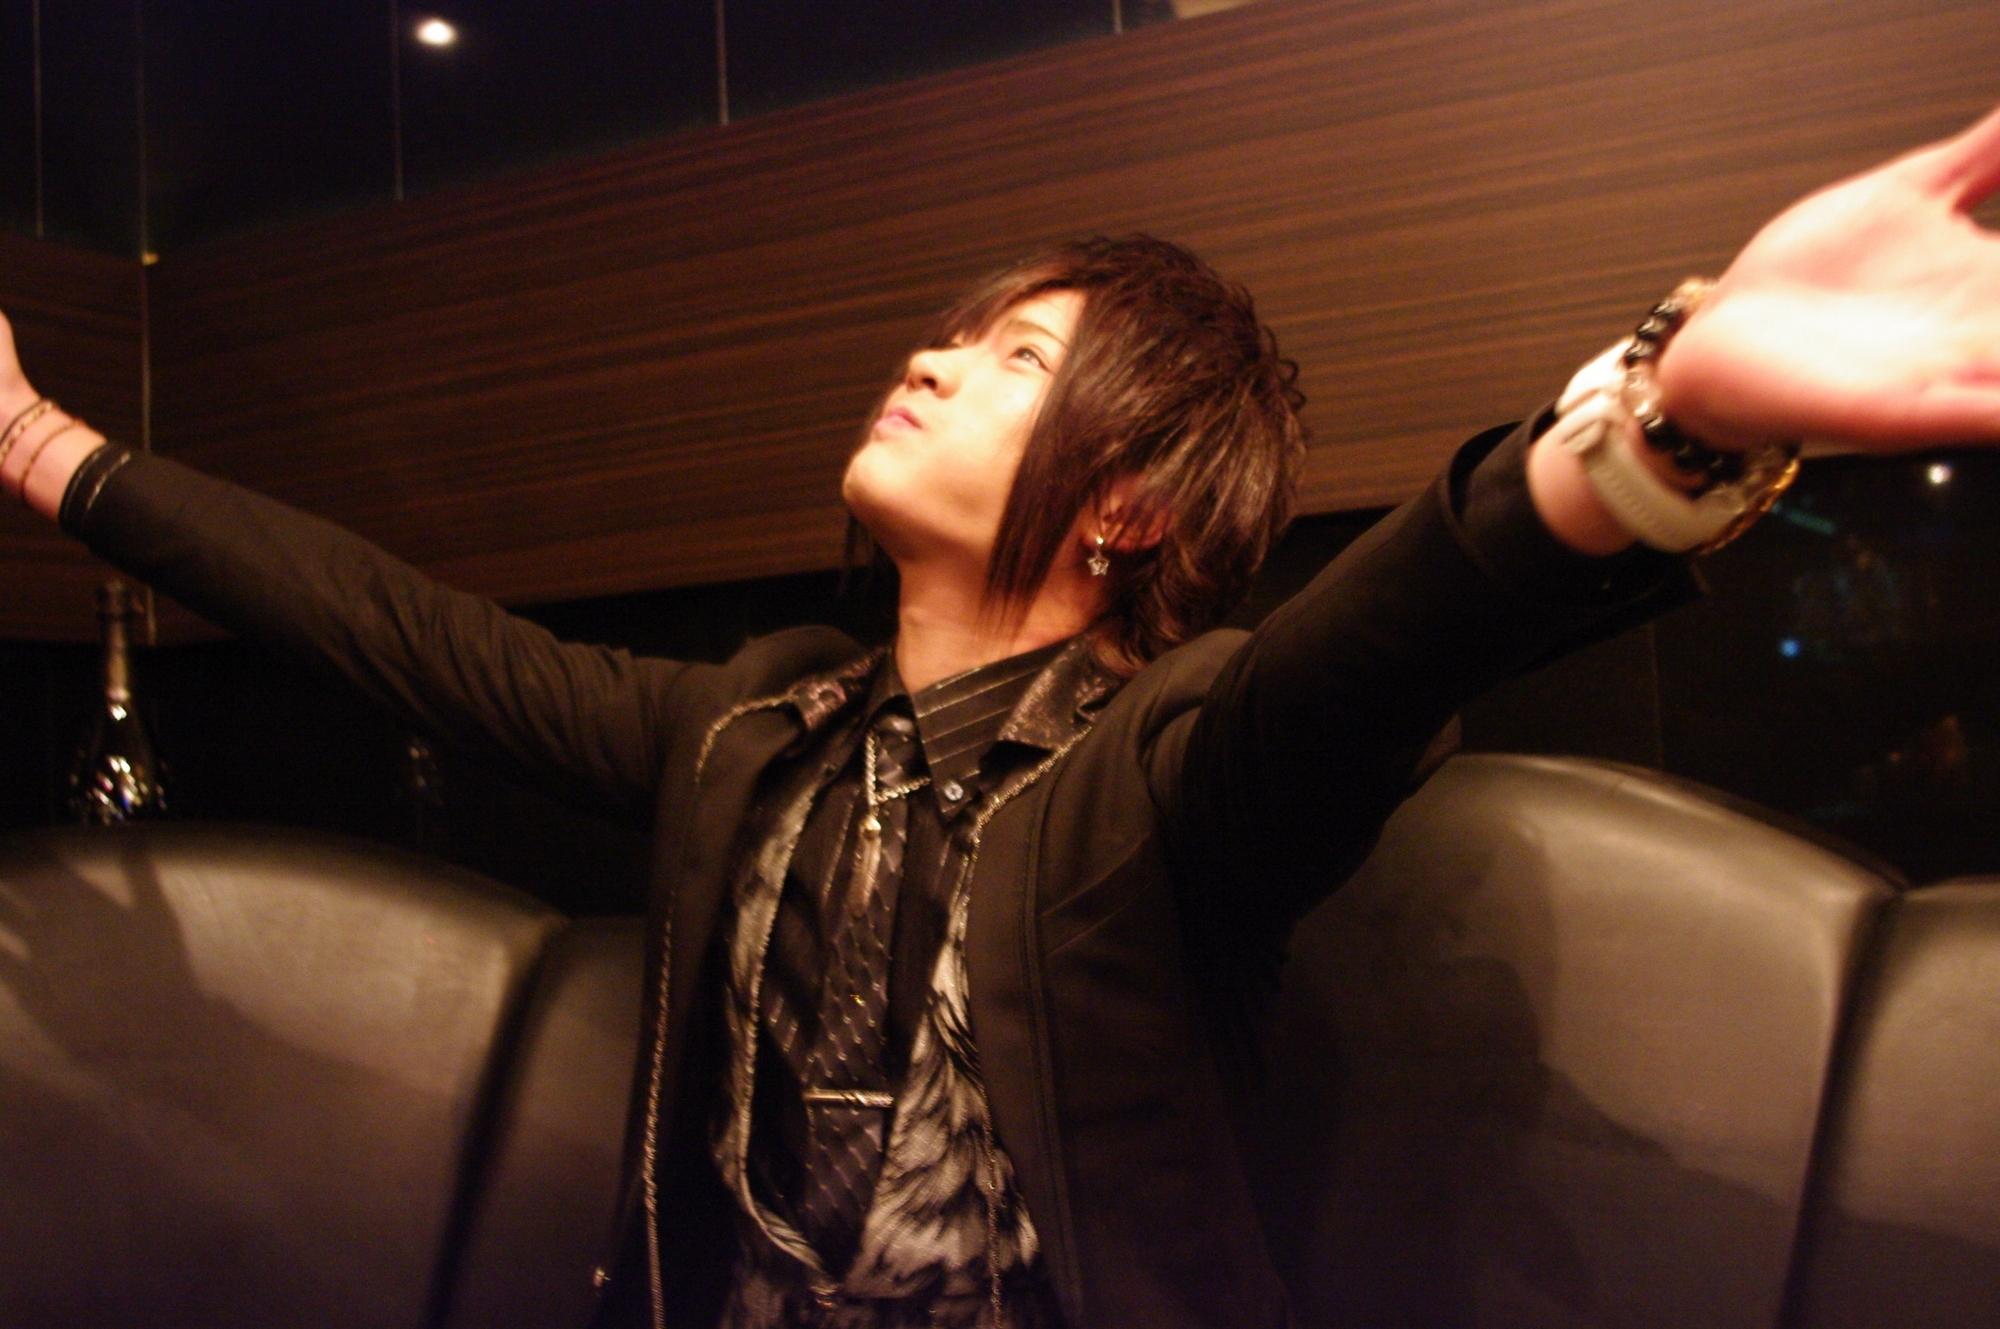 特集「ホストの前職ホストになった理由@歌舞伎町DRESSLOVER」